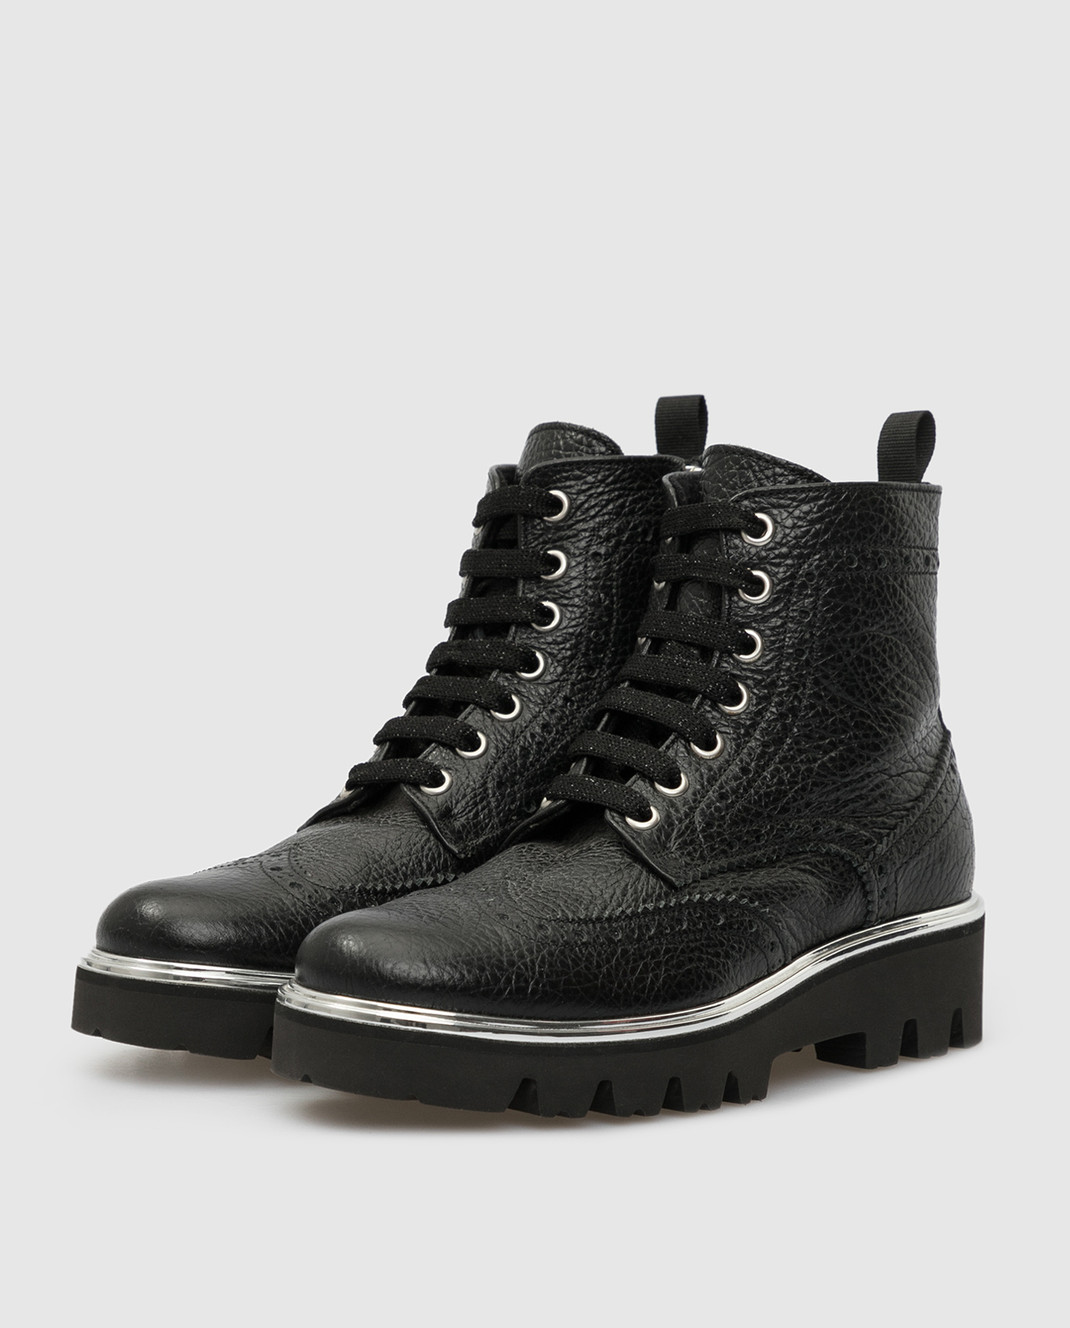 Zecchino D'oro Детские черный ботинки R0868013032 изображение 2